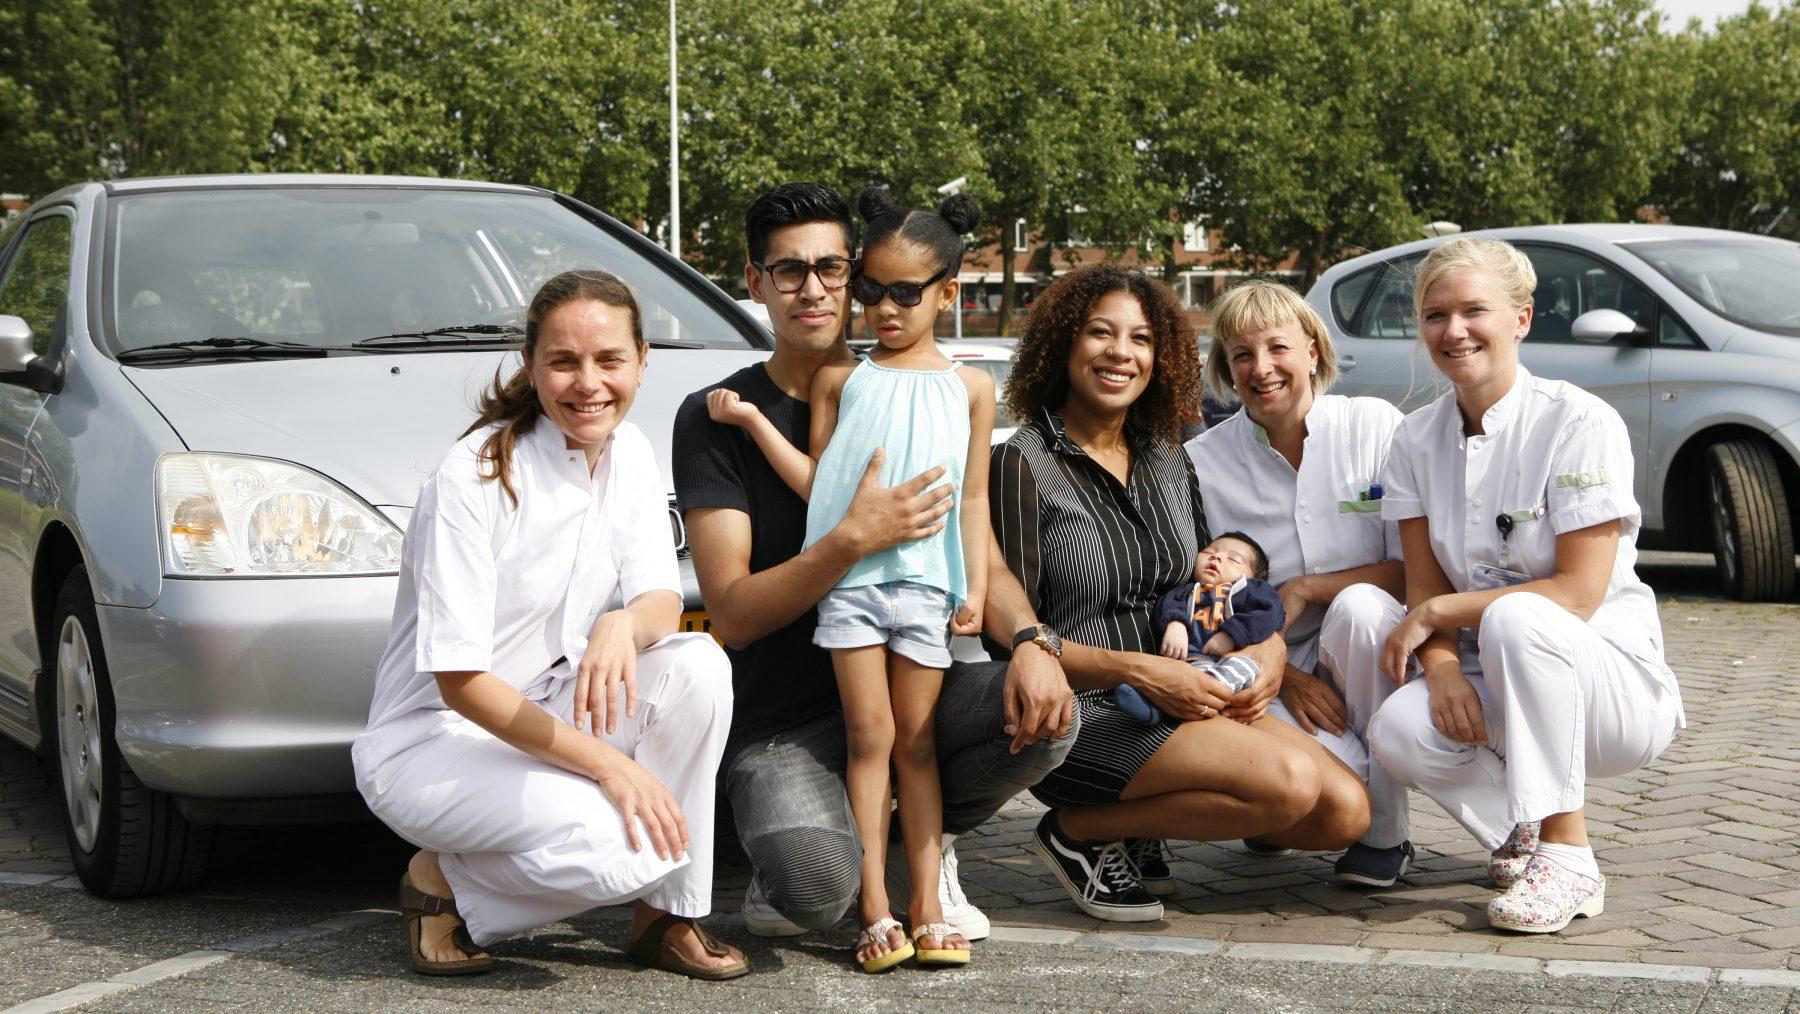 Naomie beviel op de parkeerplaats van het ziekenhuis